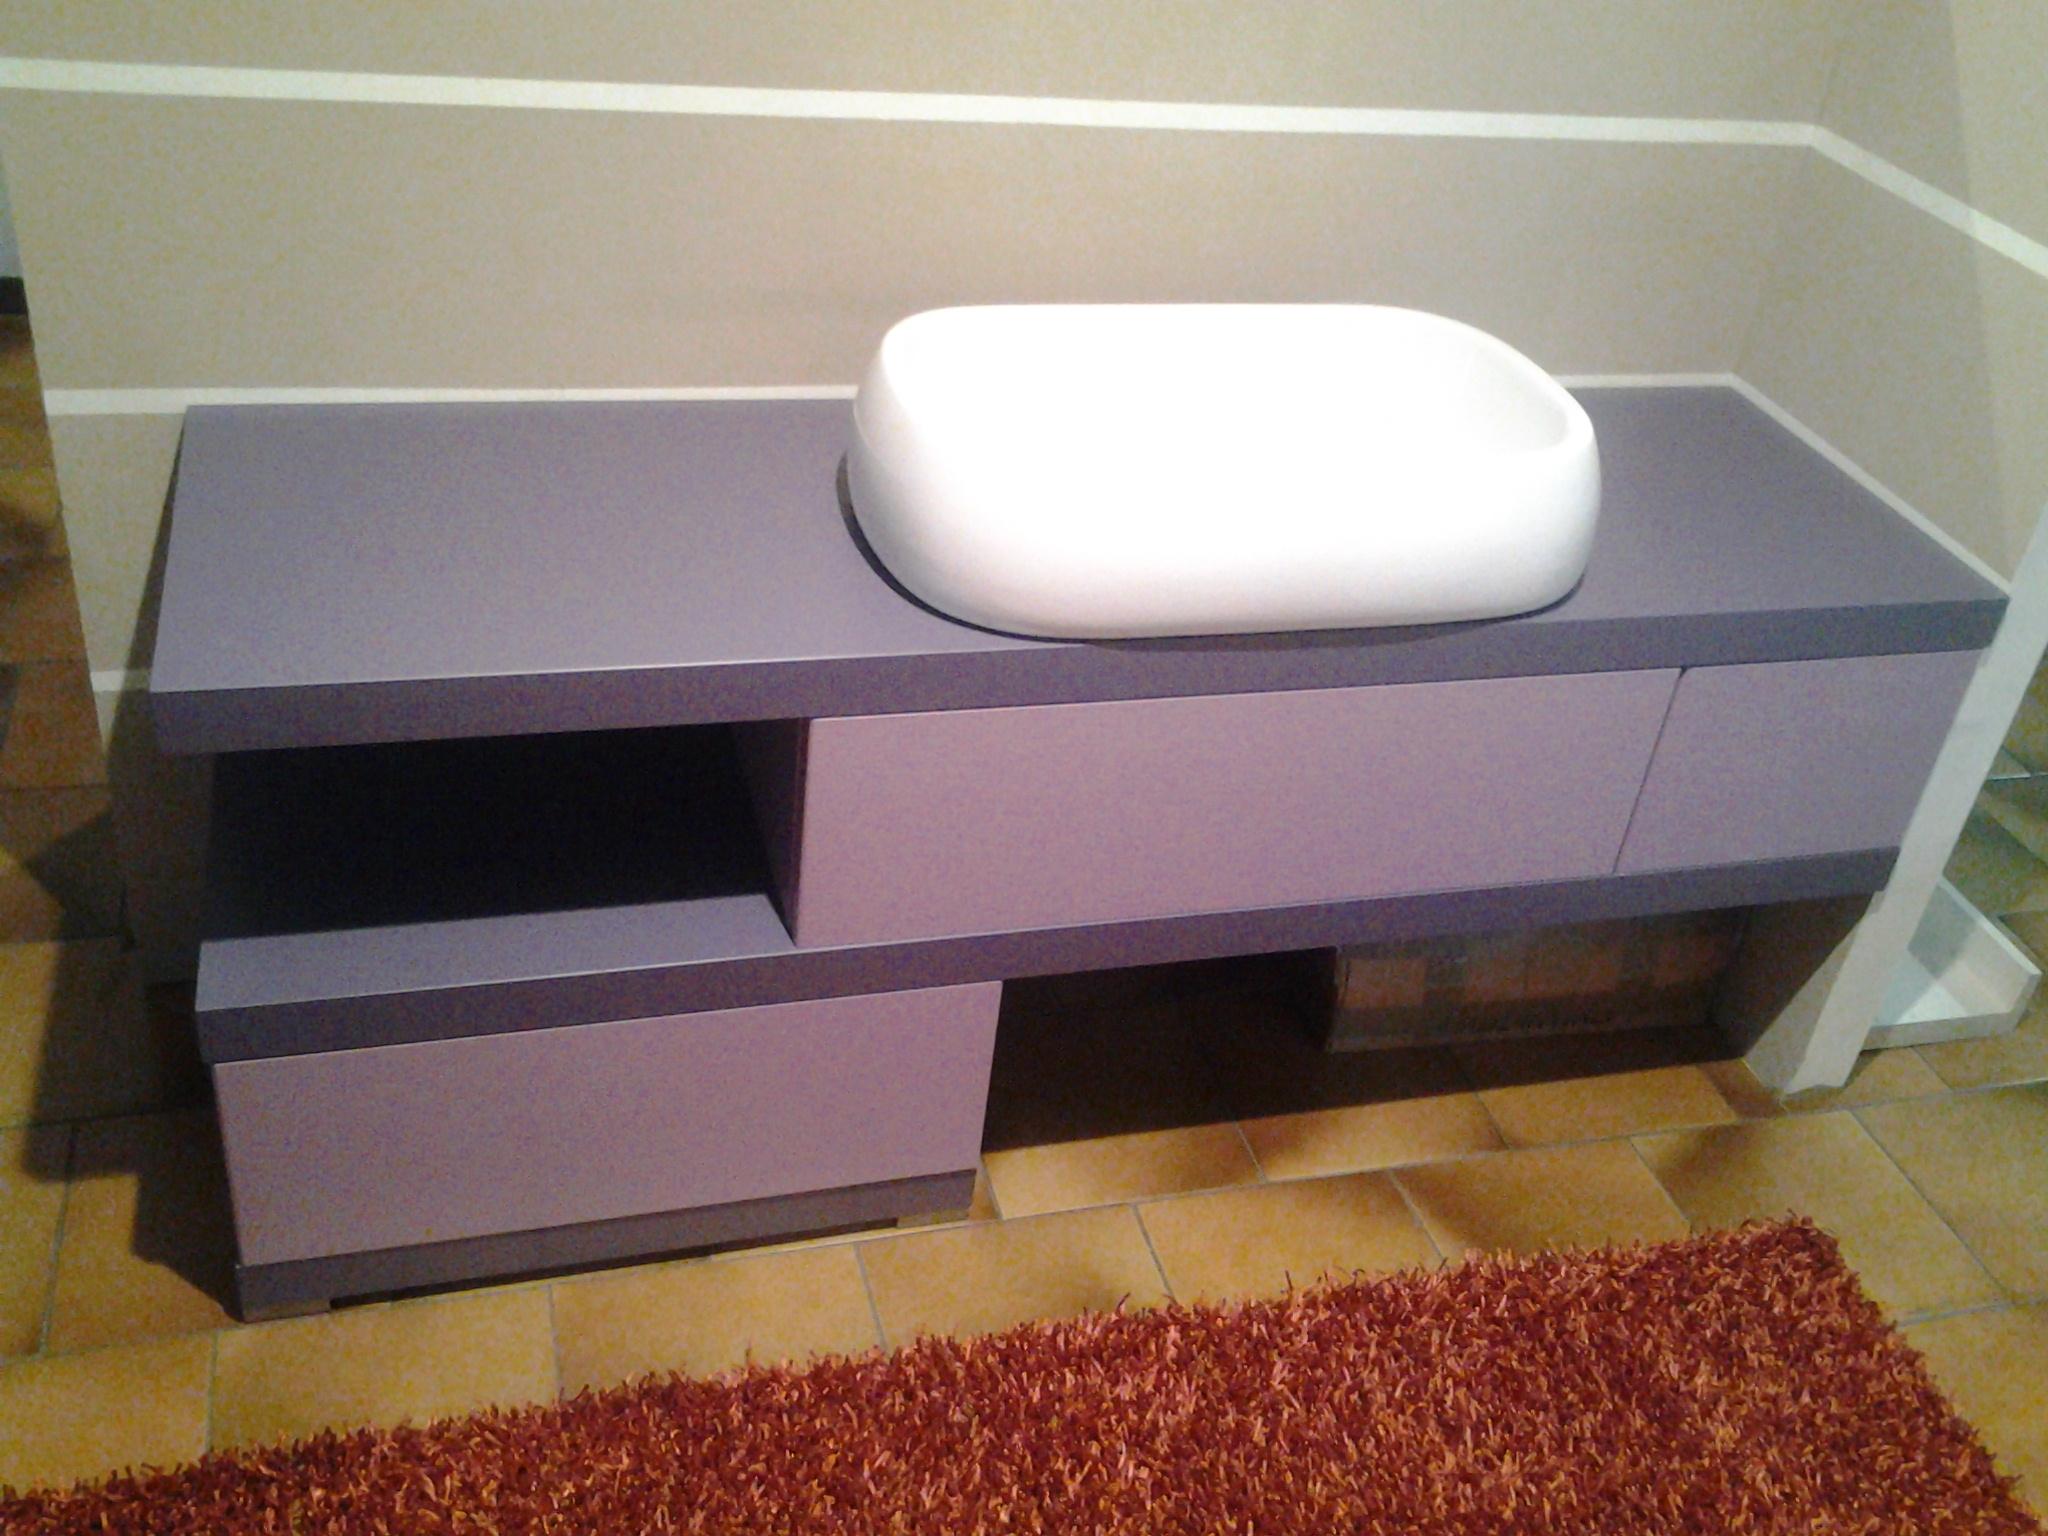 Mercatone bagni mercatone uno mobili camera da letto mercatone uno mobili camera da letto - Mobiletti bagno mercatone uno ...